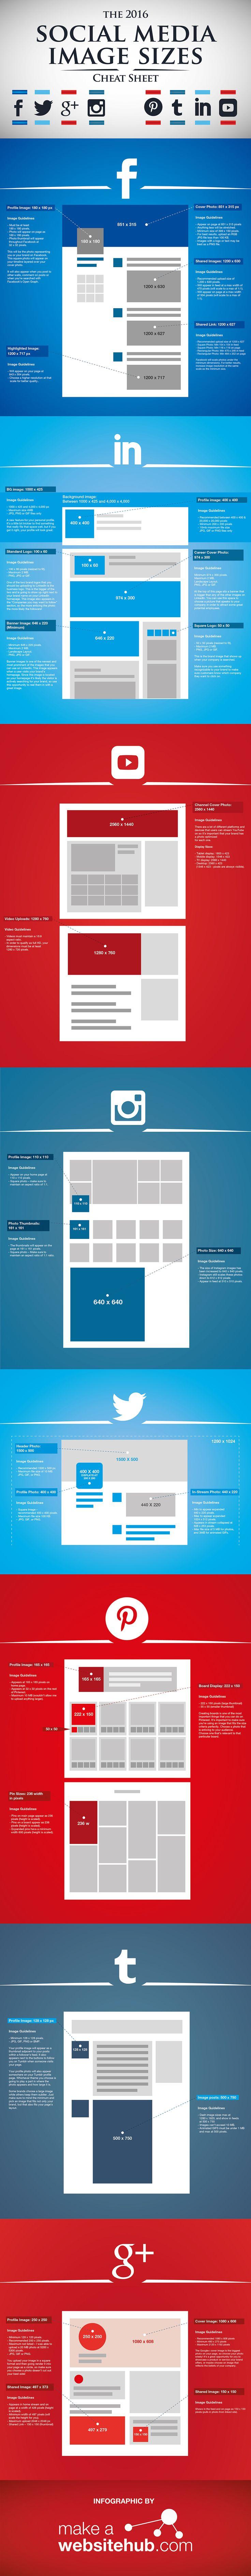 infographie les tailles d'images sur les réseaux sociaux